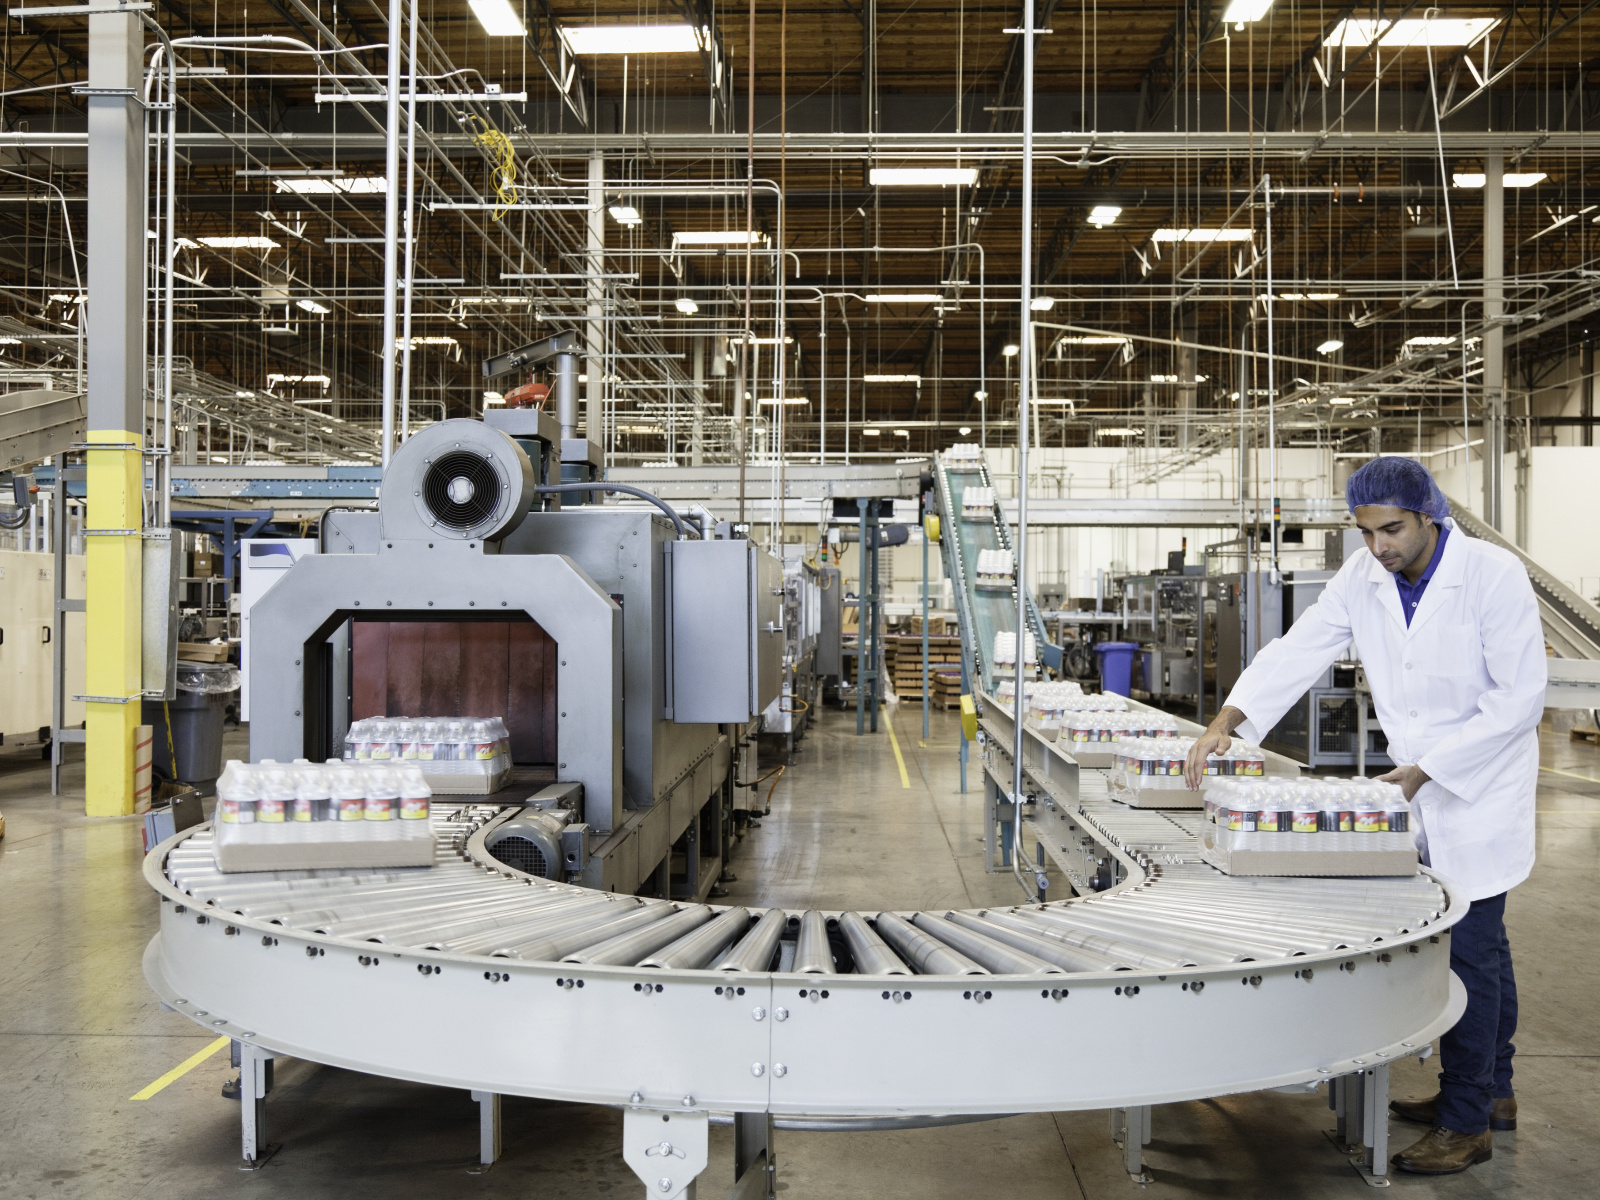 第70話|製造業のデータ活用の壁、かつての製販分離という効率化が壁になり不効率を生み出している